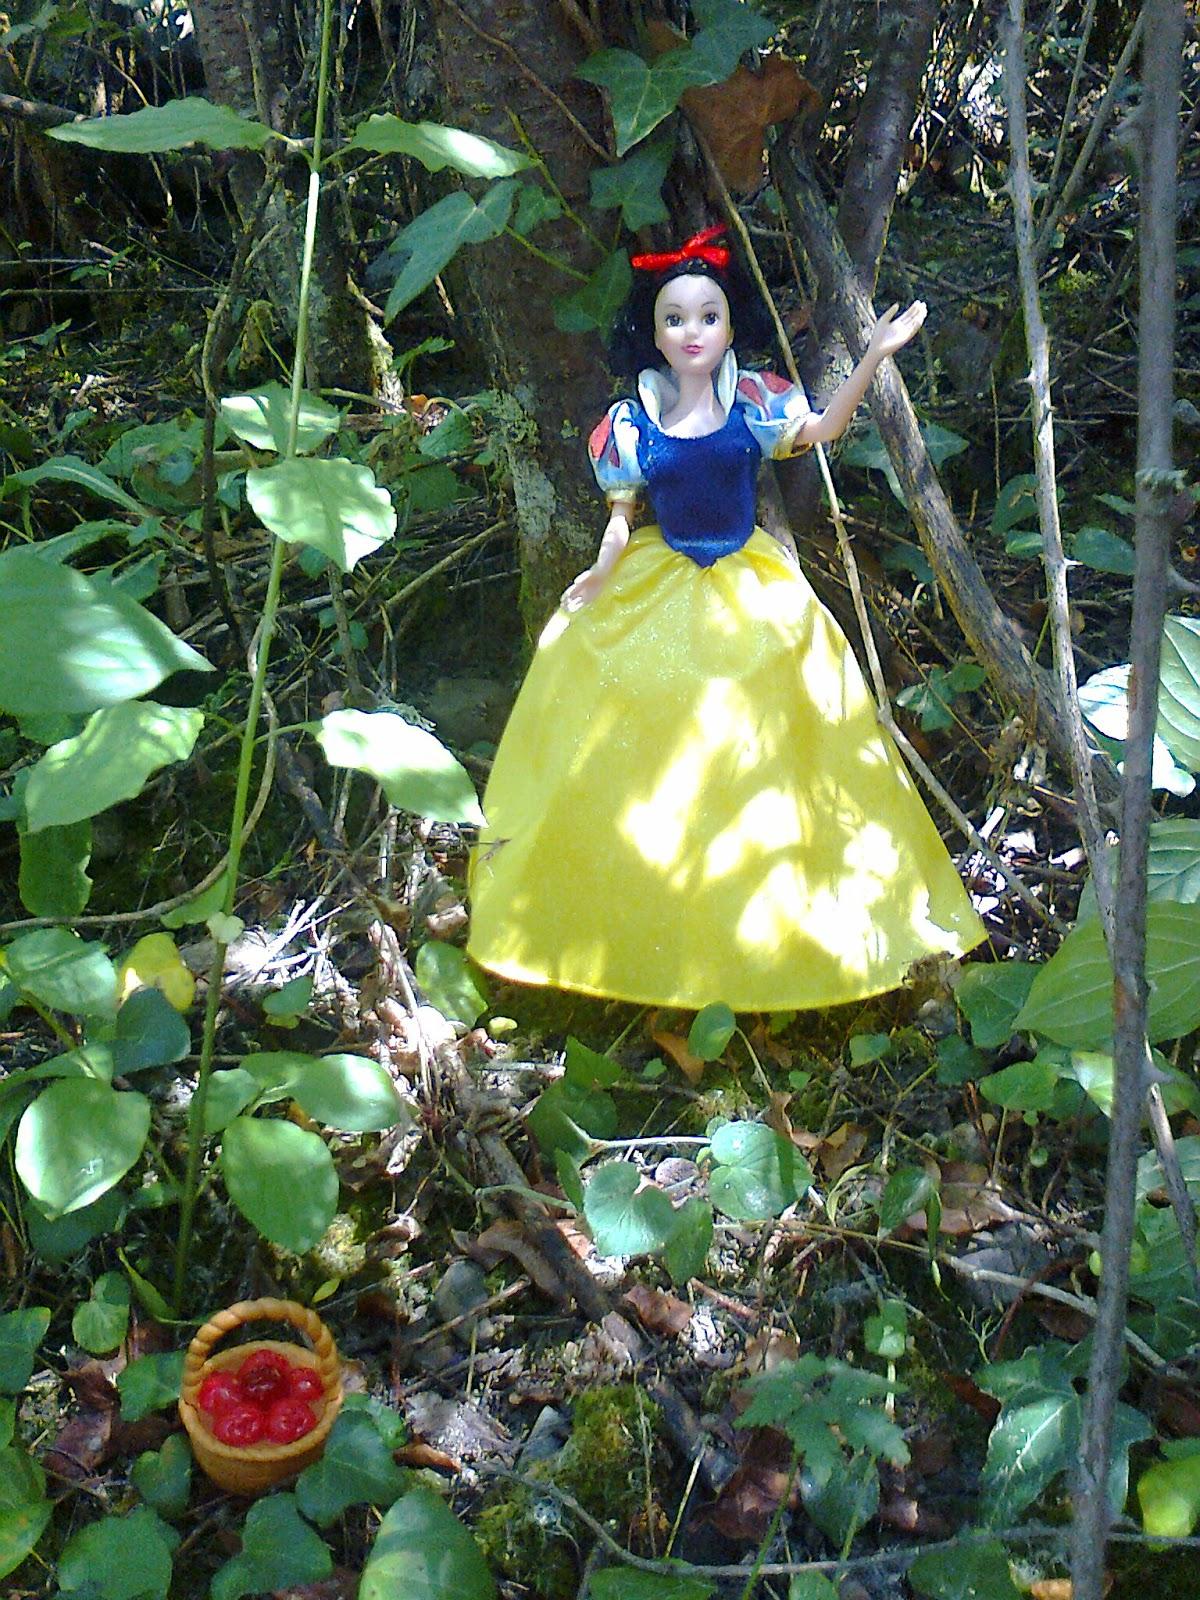 Conejita fashion las mu ecas y los juguetes las grandes aficiones de mi vida - Casa blancanieves simba ...